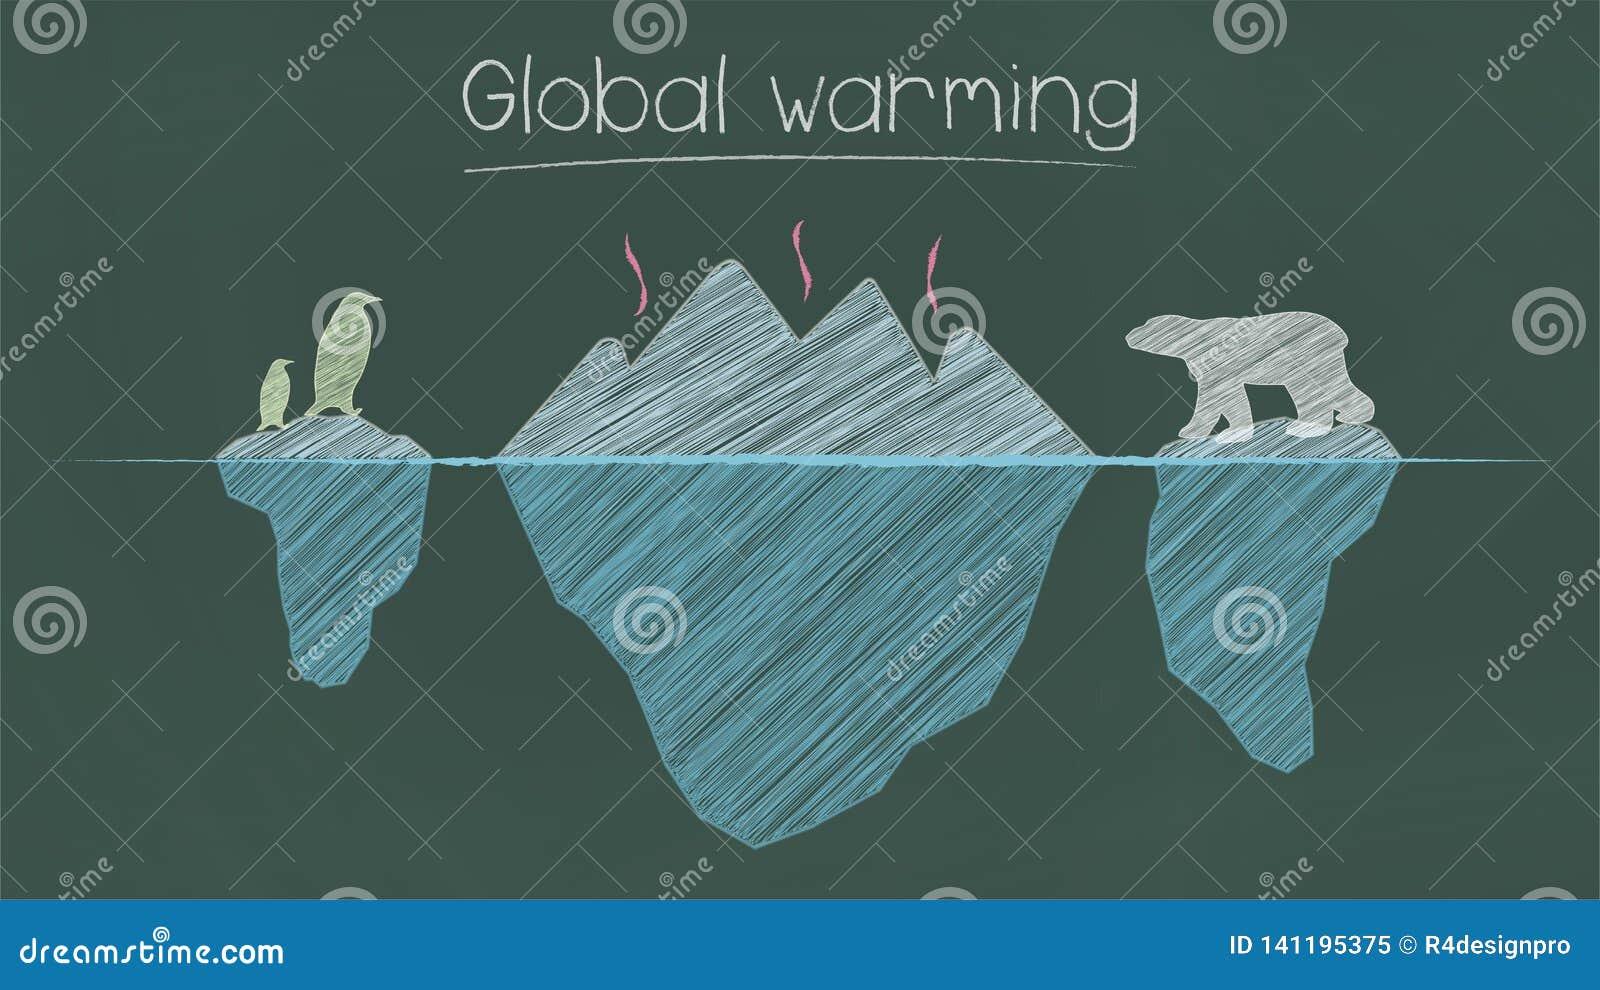 Global warming sentence on chalkboard